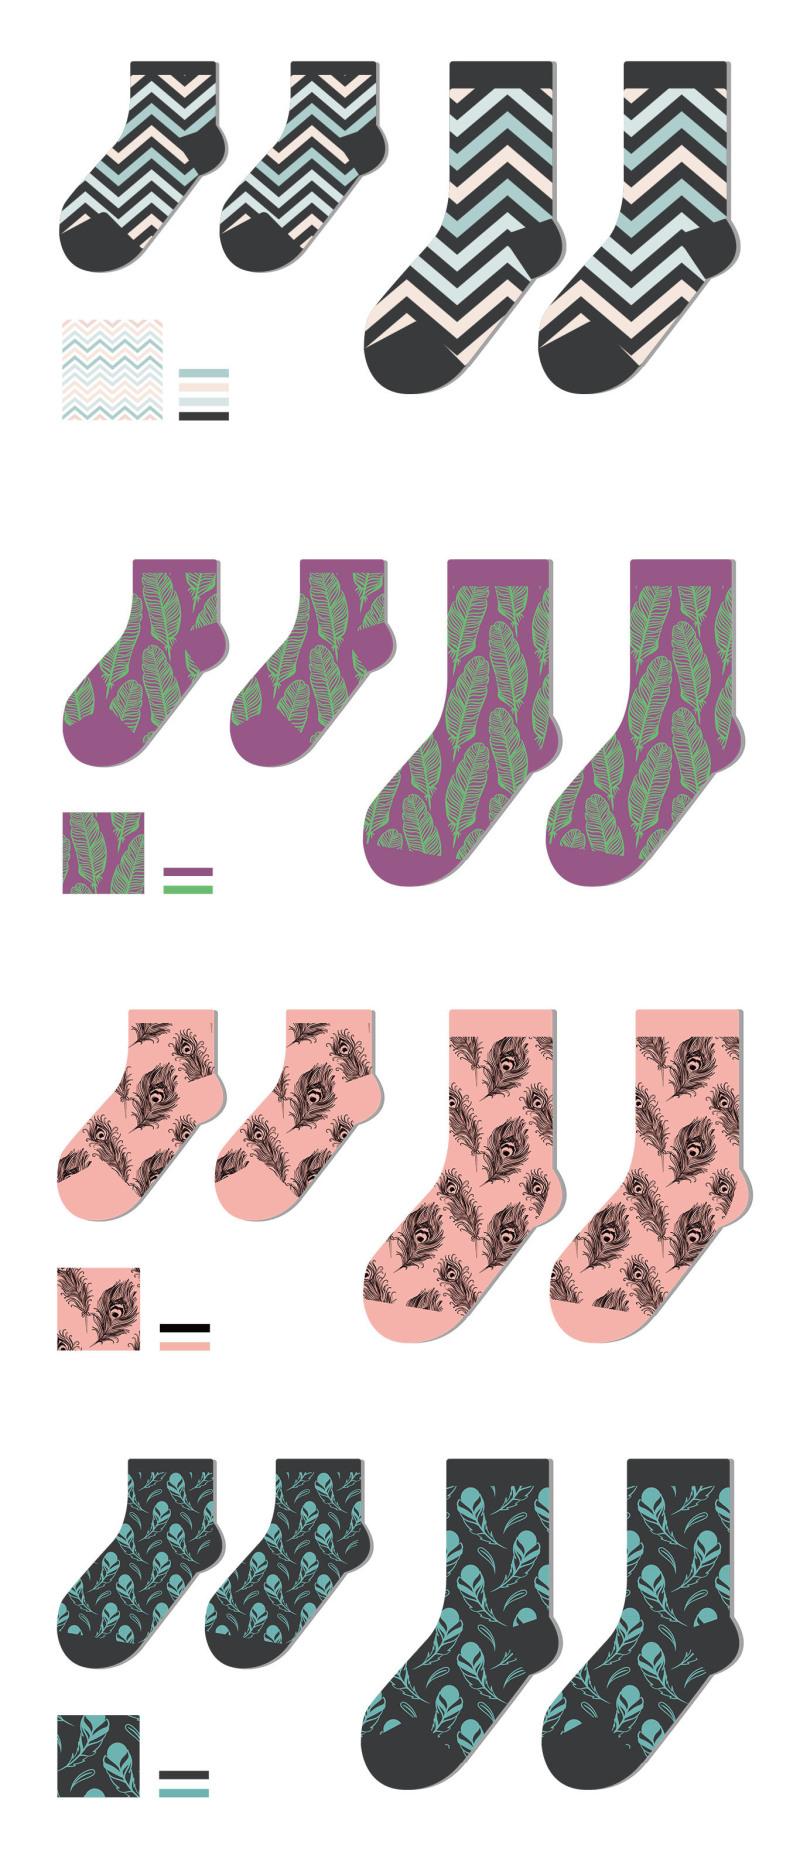 春夏袜子设计